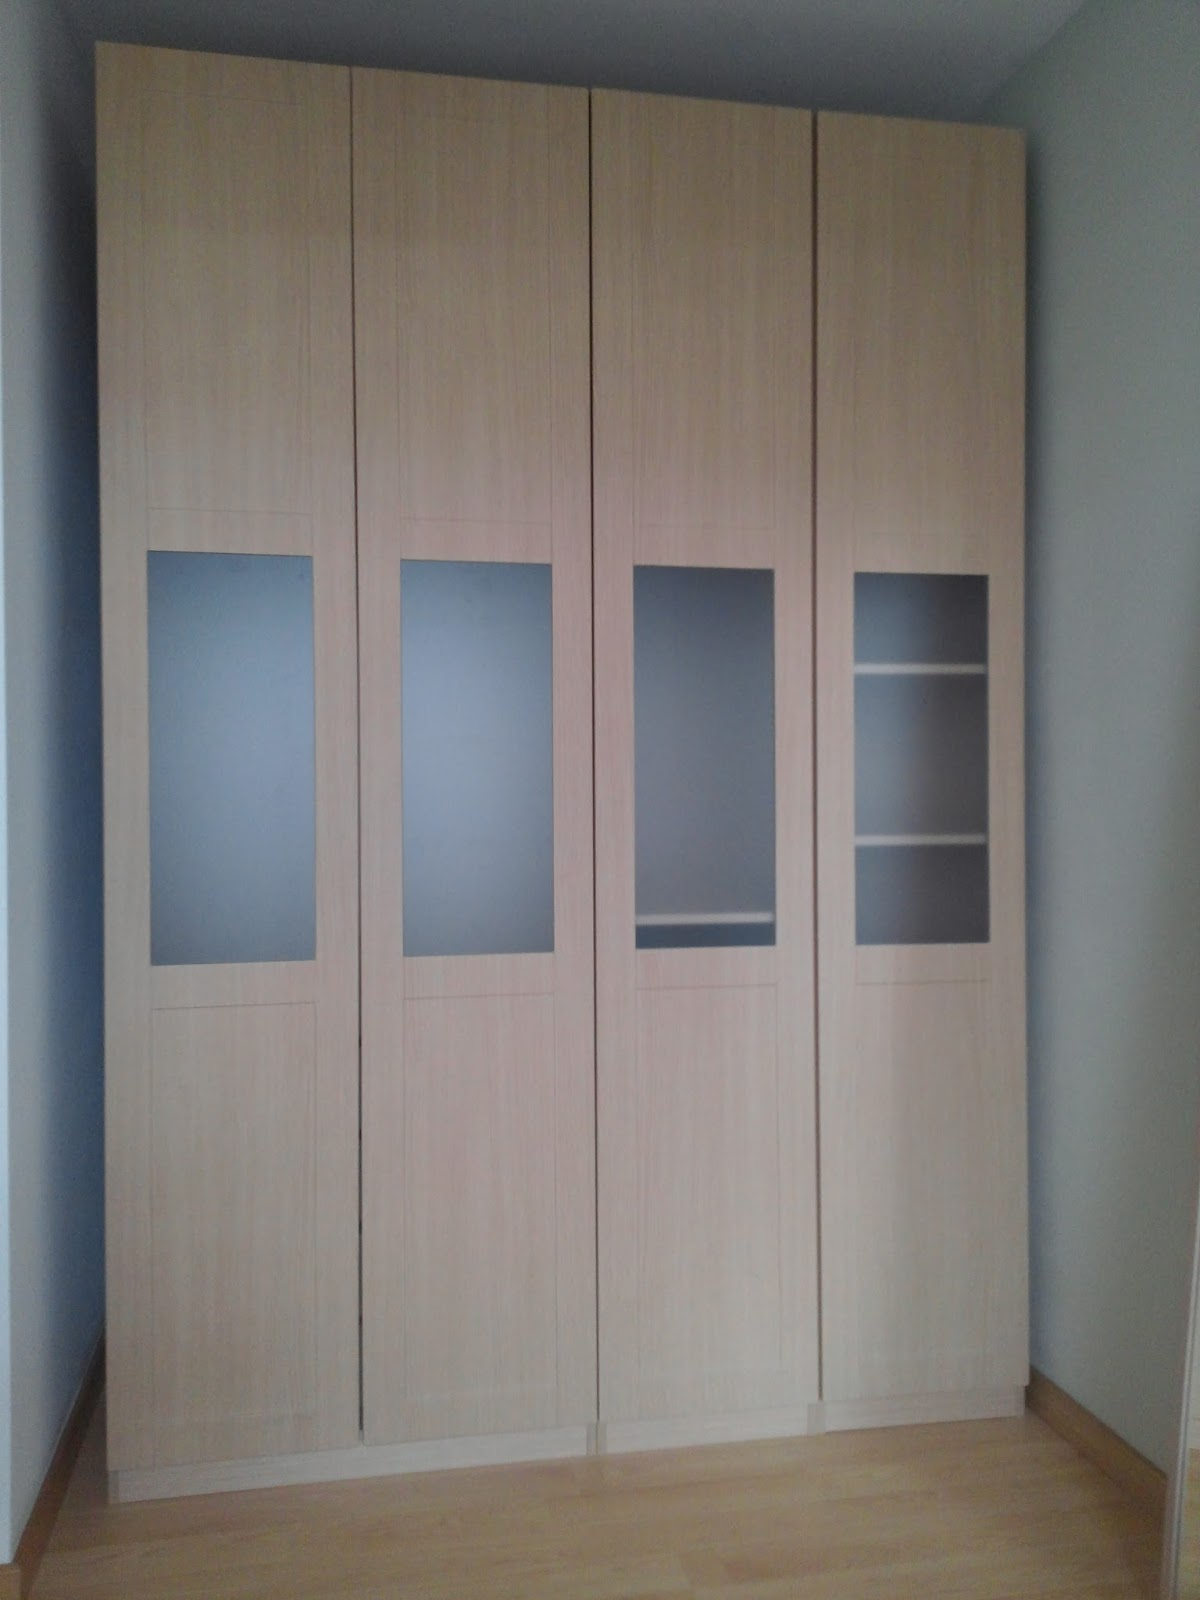 Design by xkun mi armario empotrado de leroy merlin - Armario tela leroy merlin ...